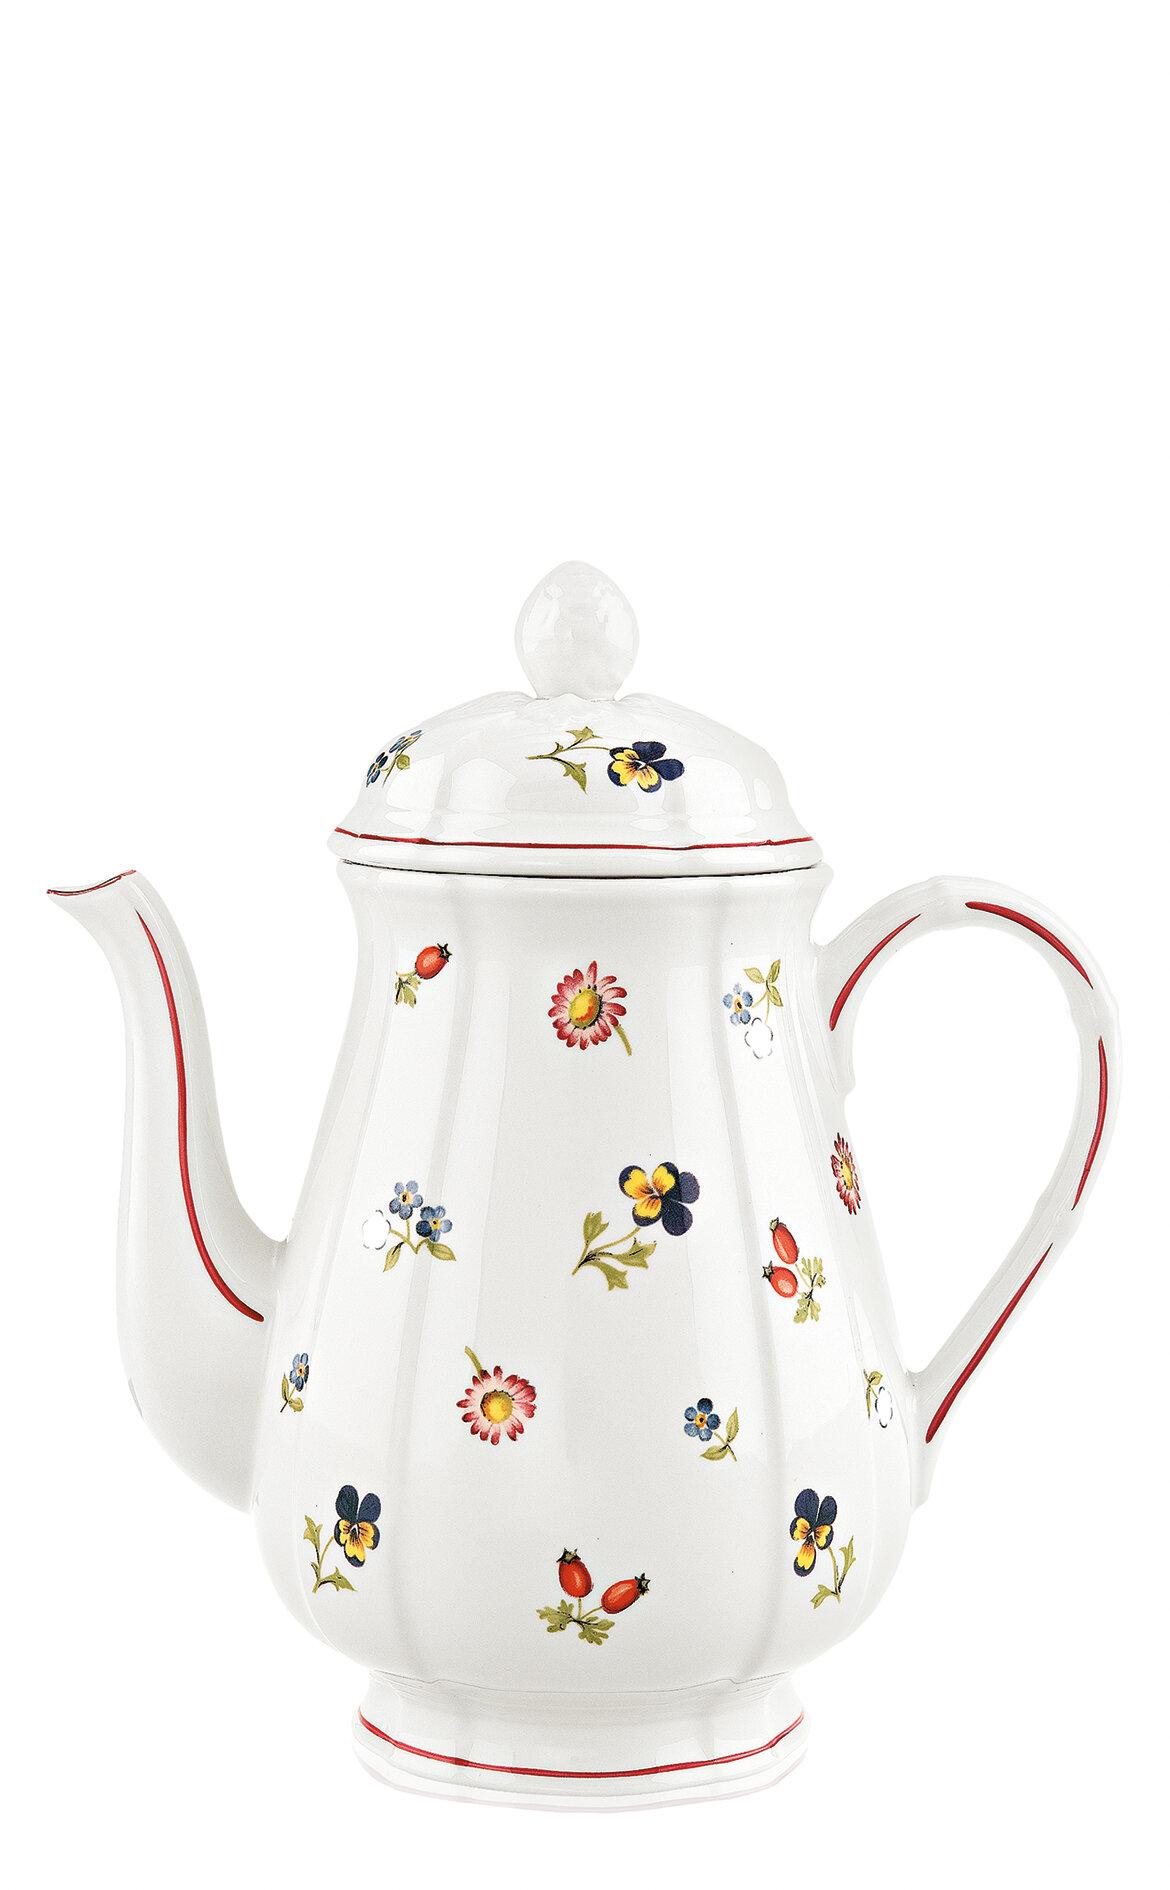 Villeroy & Boch Petite Fleur Çay / Kahve Potu, 1.25L